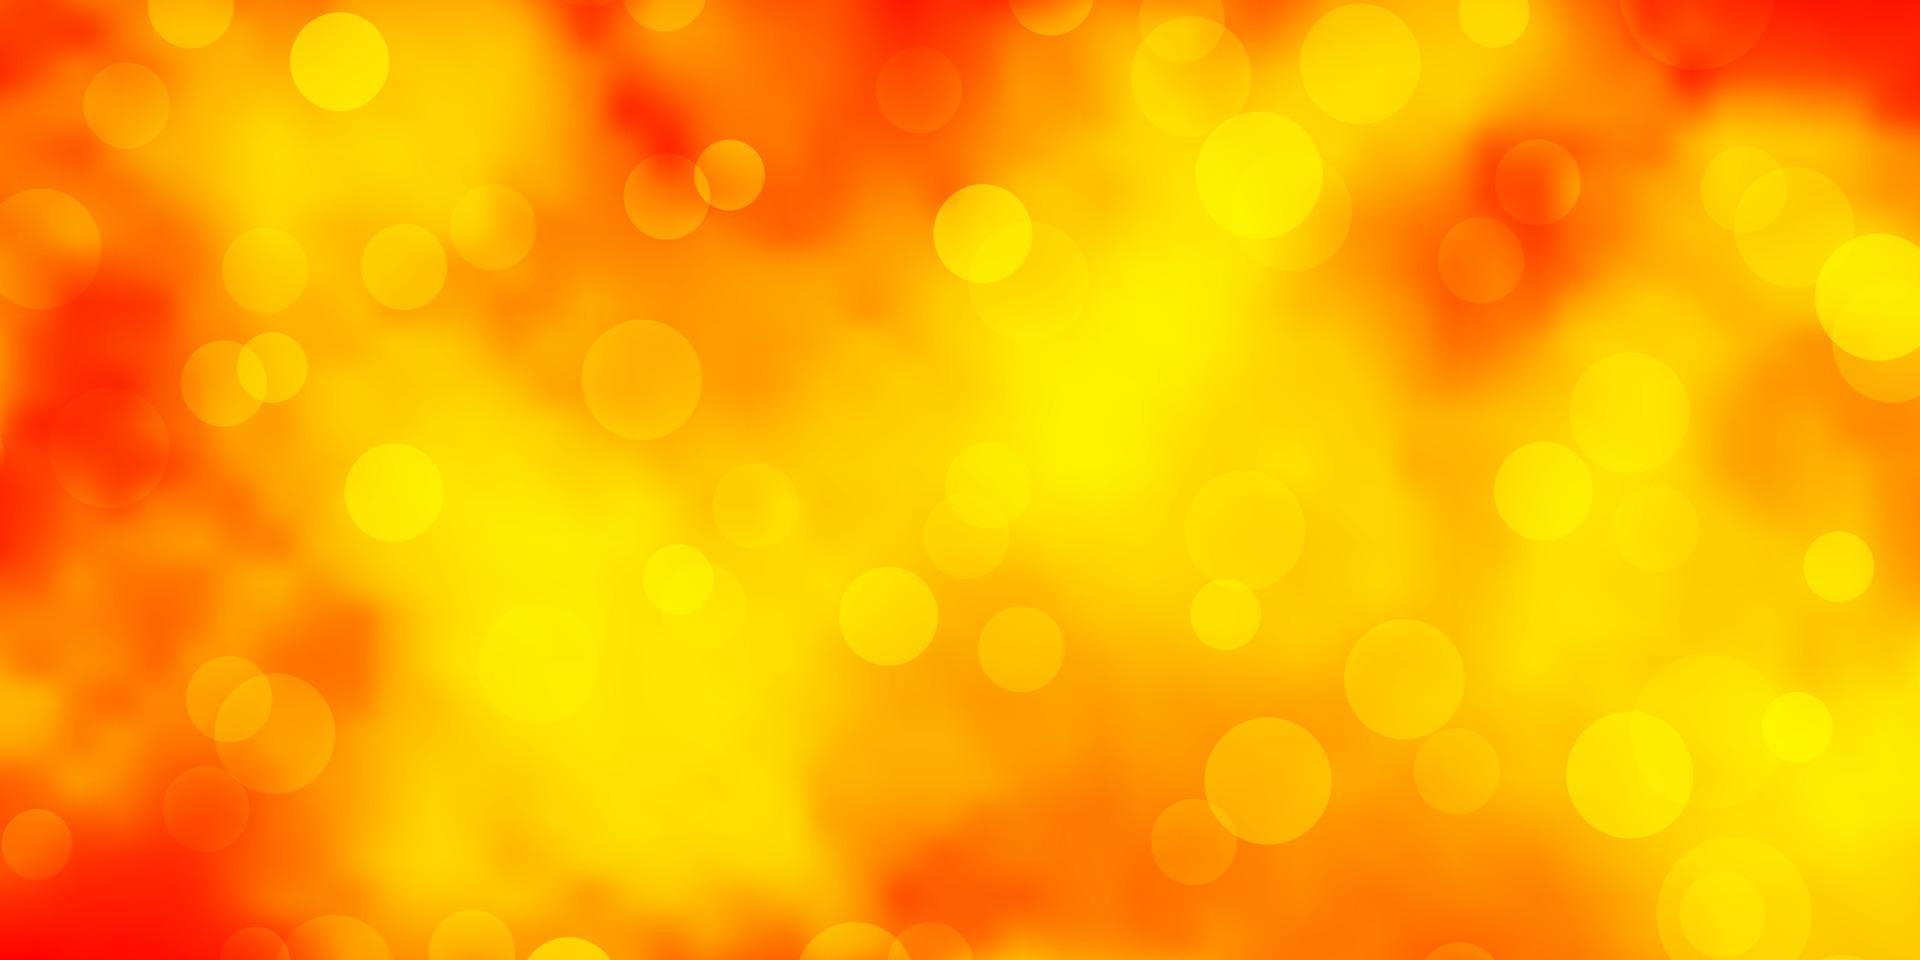 ljus orange vektor mönster med cirklar.